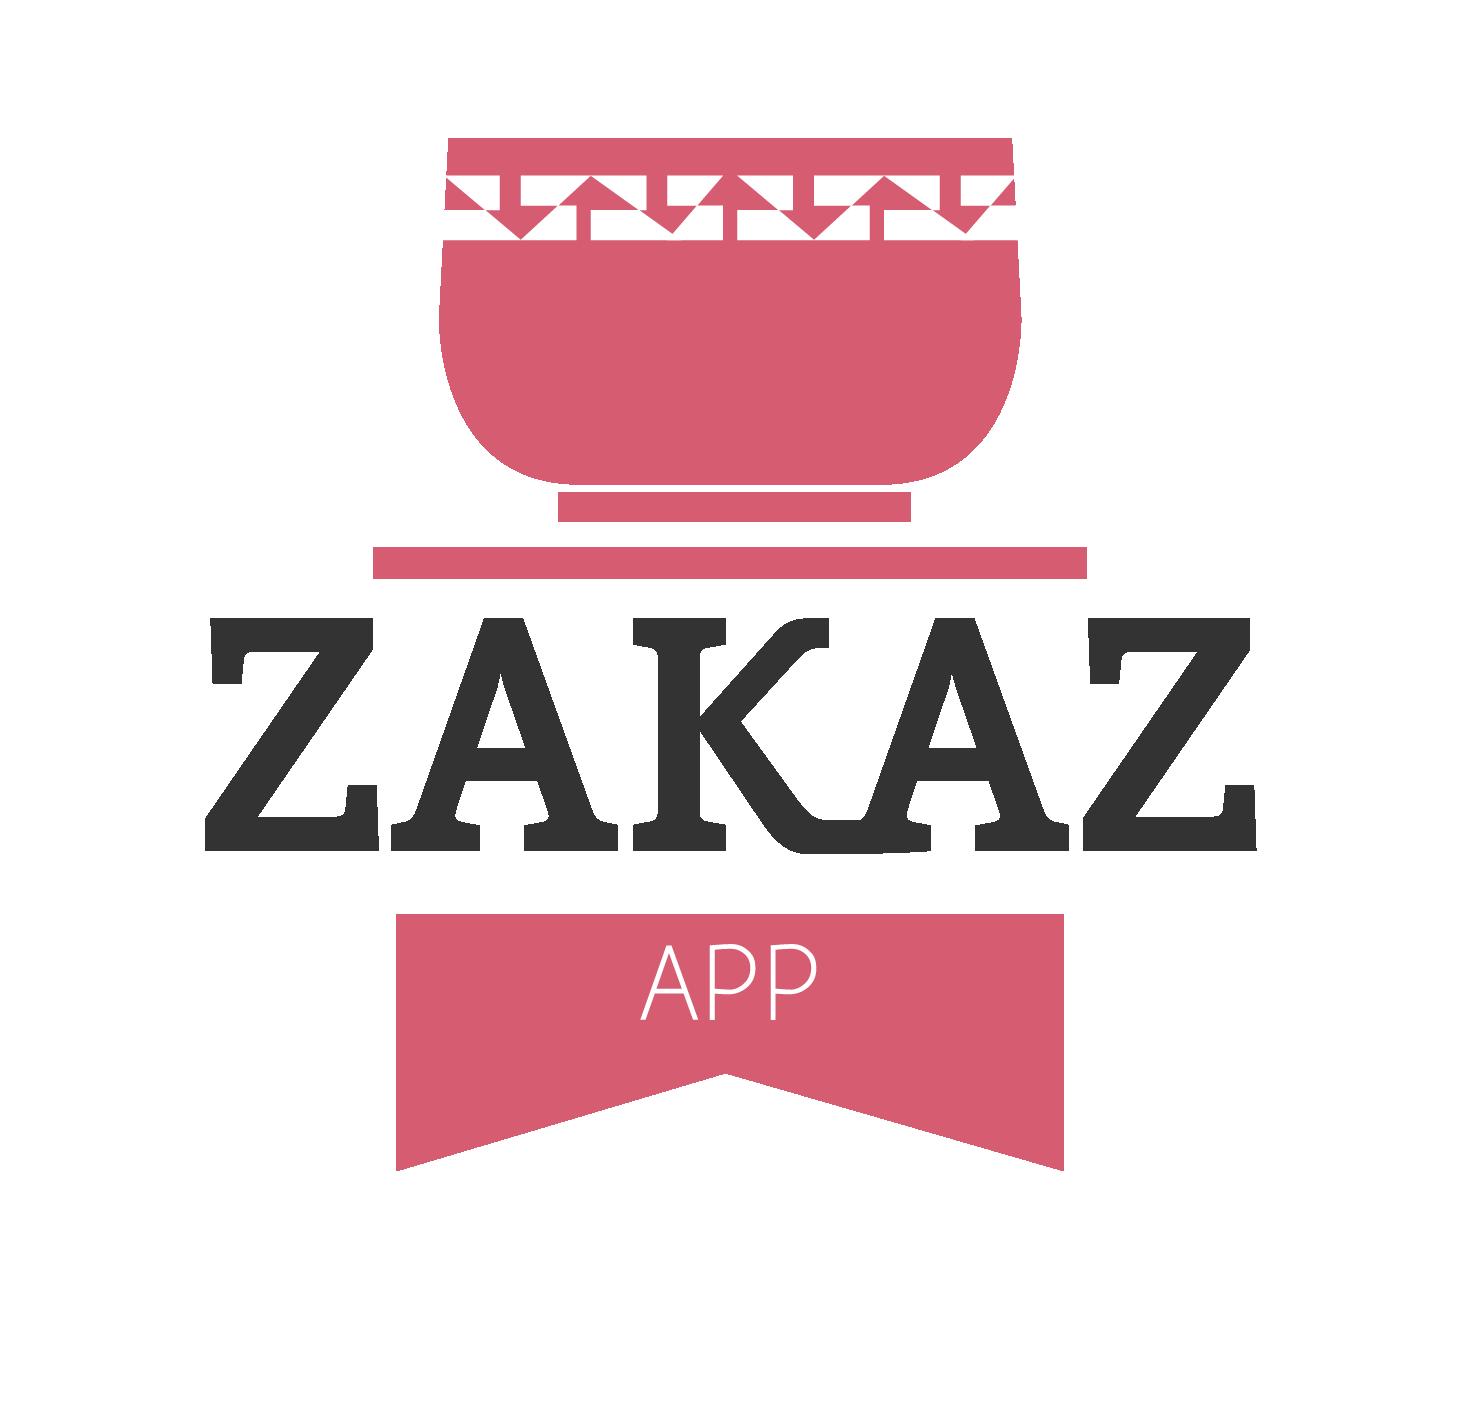 zakaz app